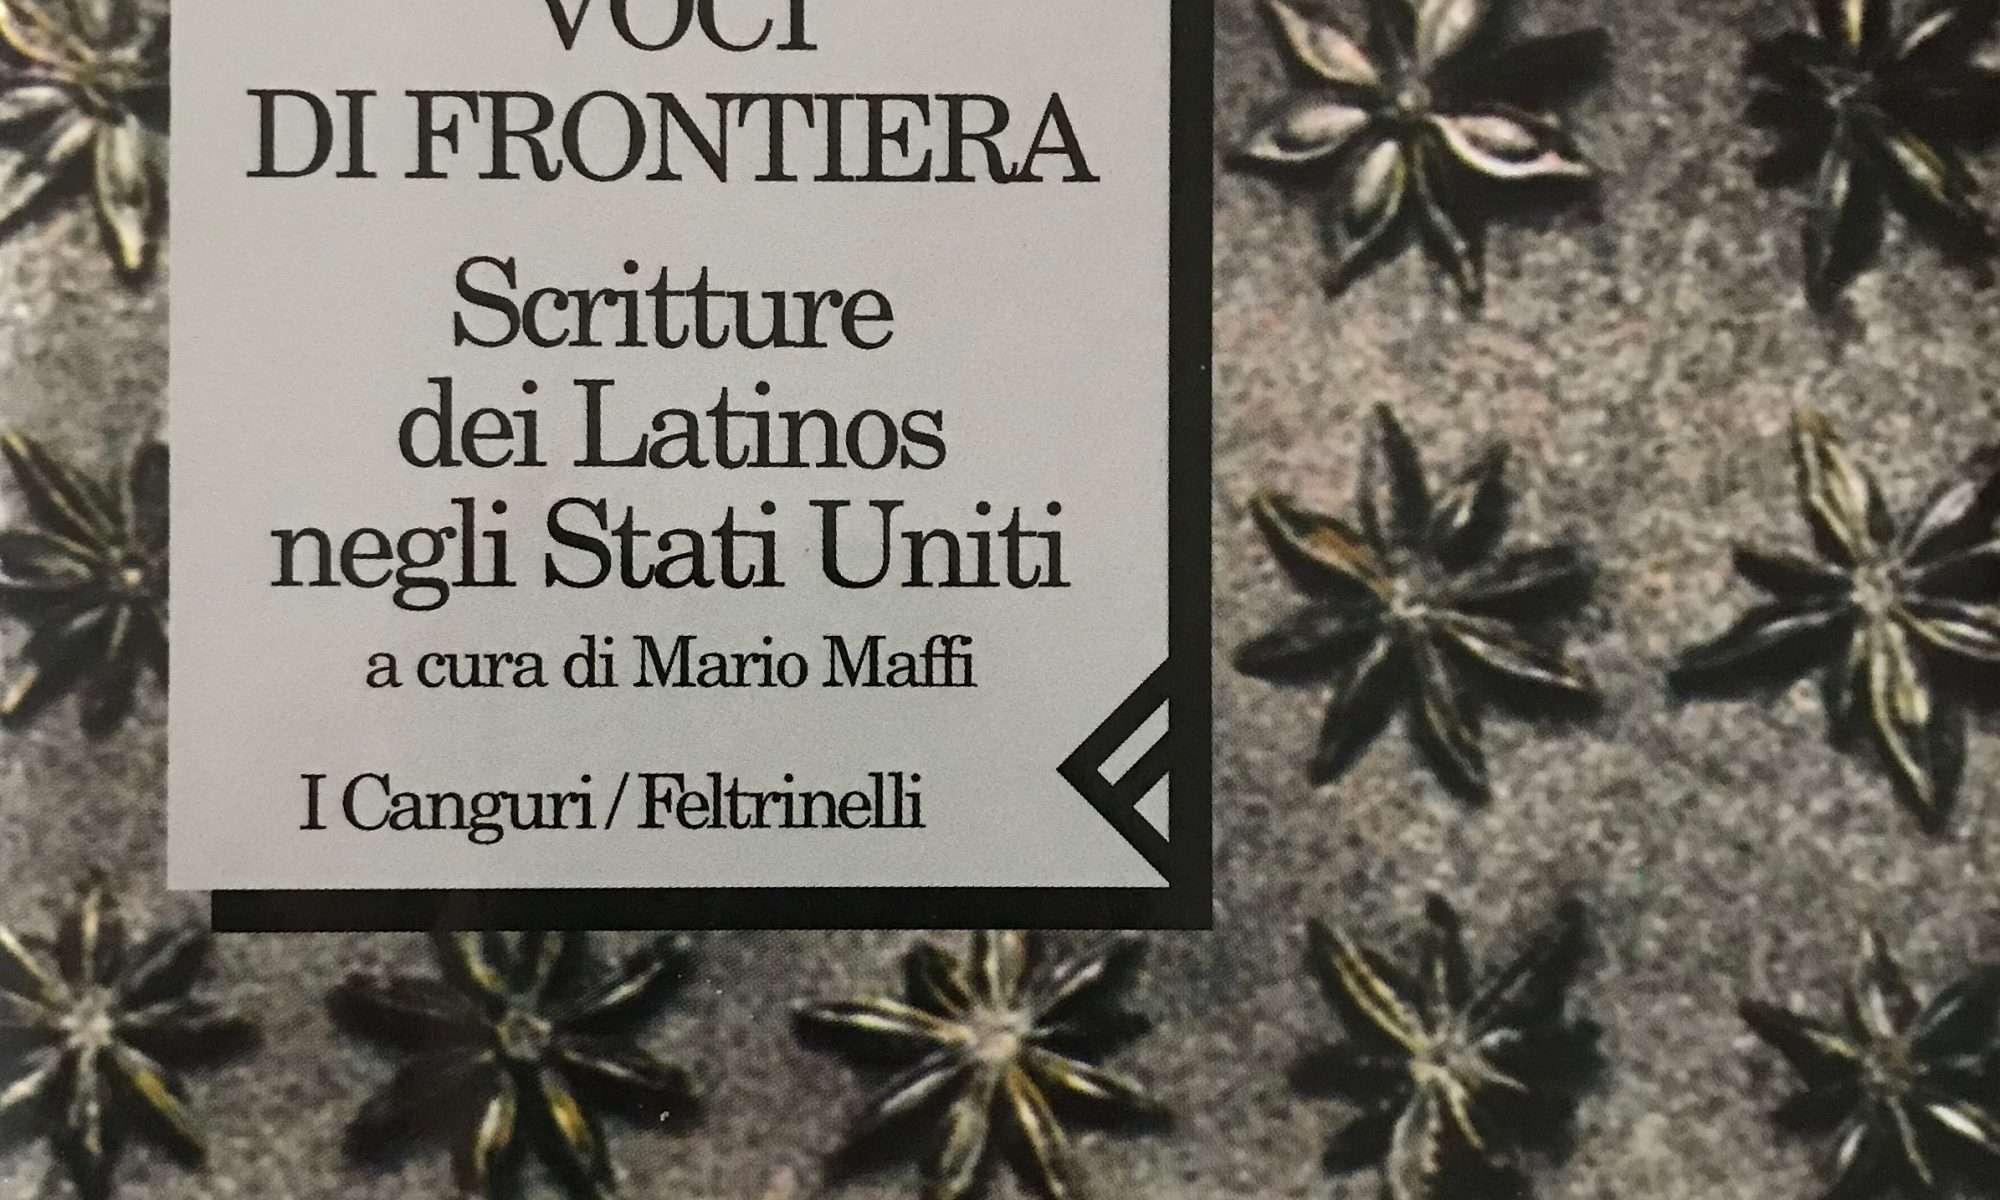 VOCI DI FRONTIERA  <BR/> A cura di Mario Maffi